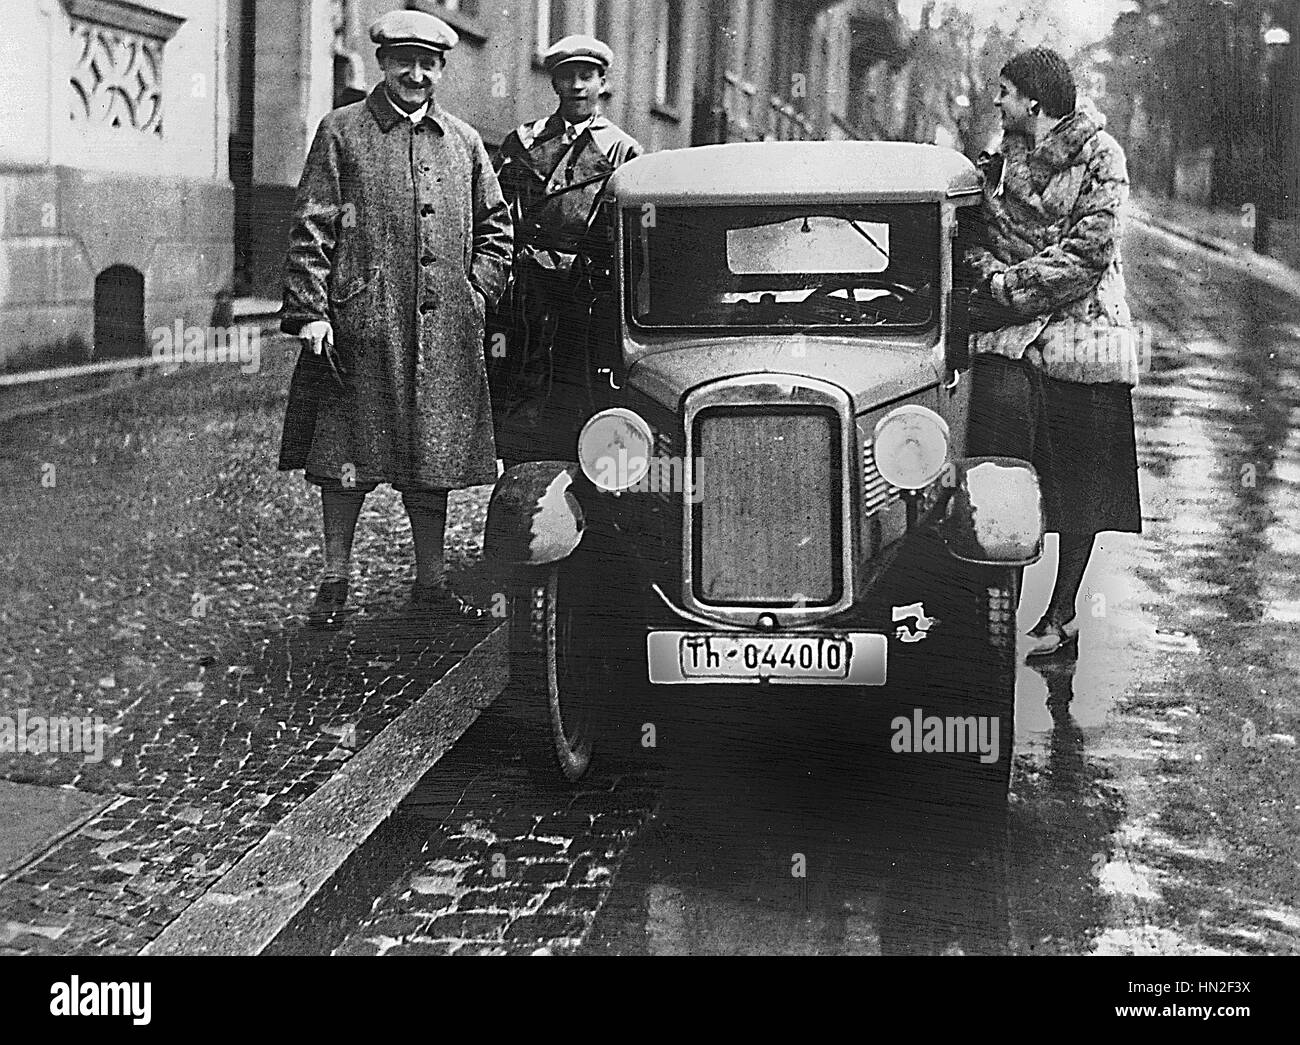 1930 BMW 3-15 Dixi - Stock Image